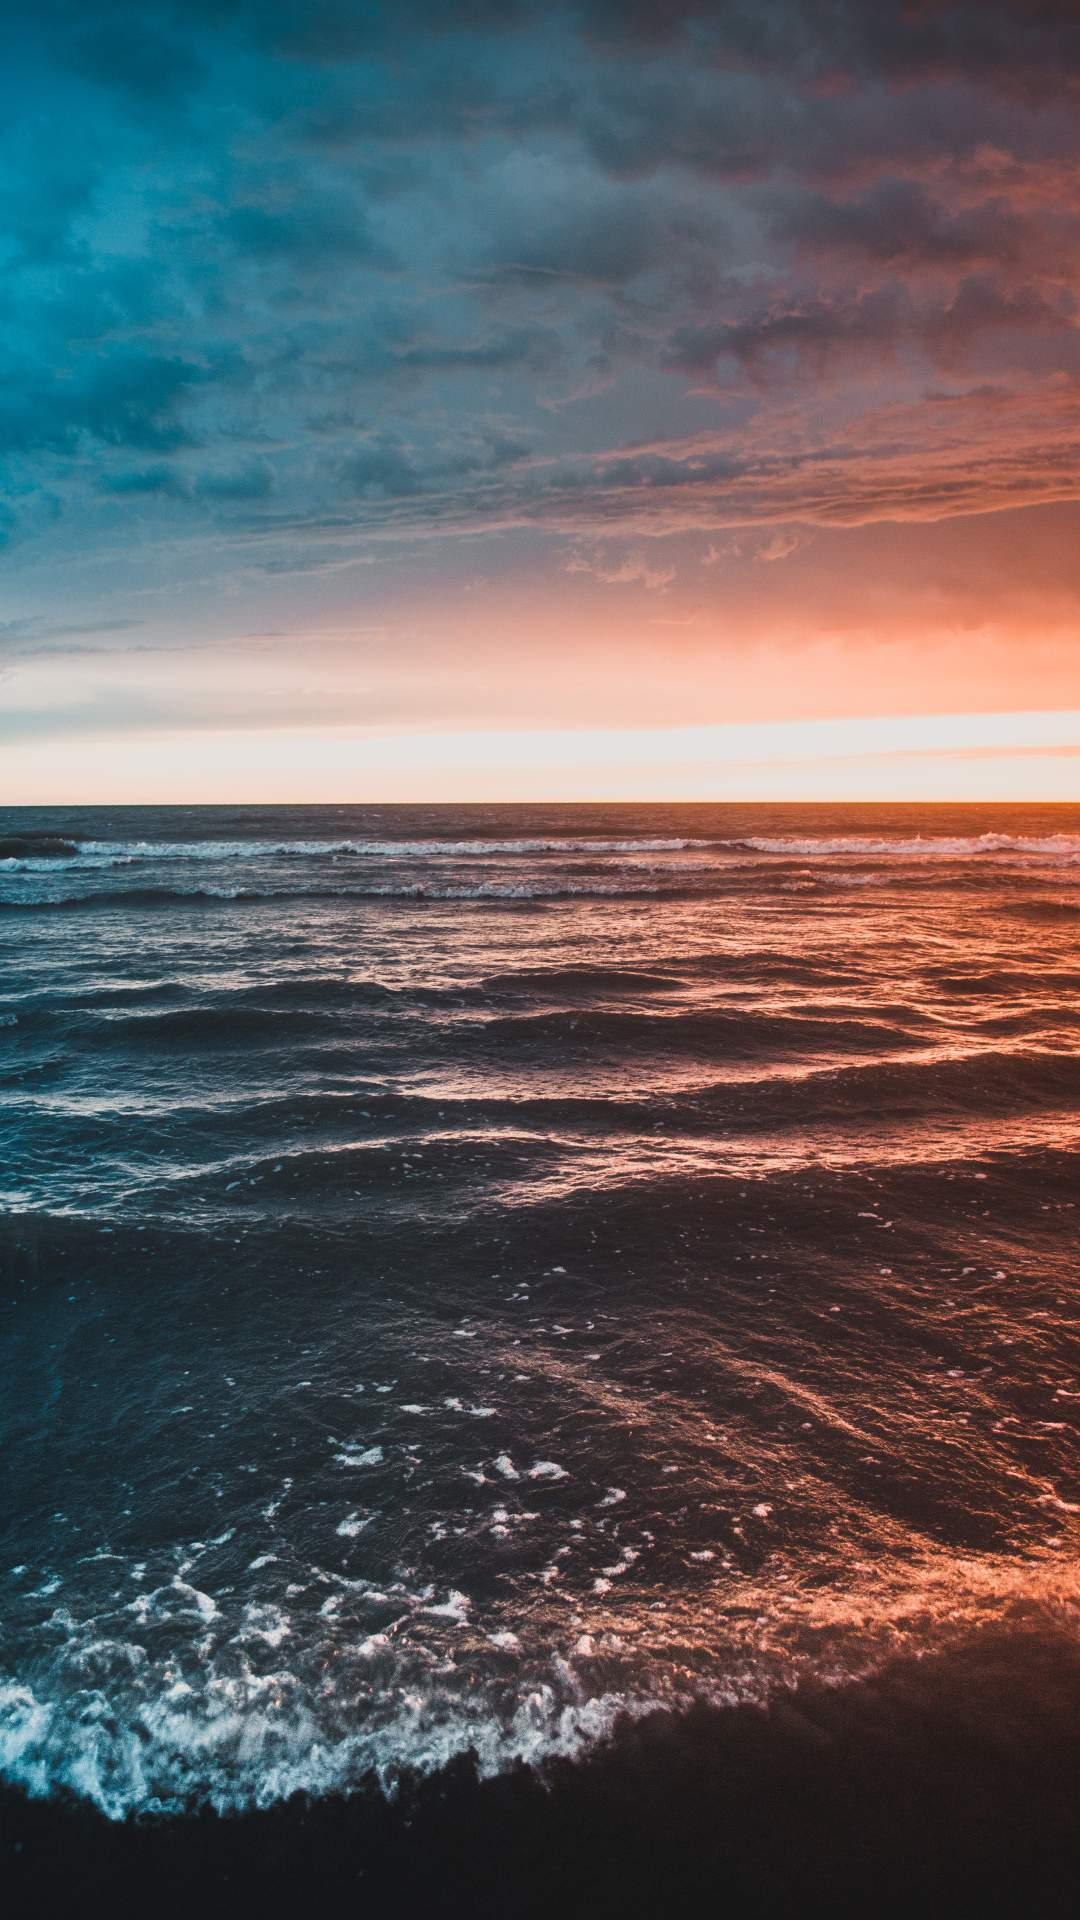 Ocean Waves Sunset iPhone Wallpaper